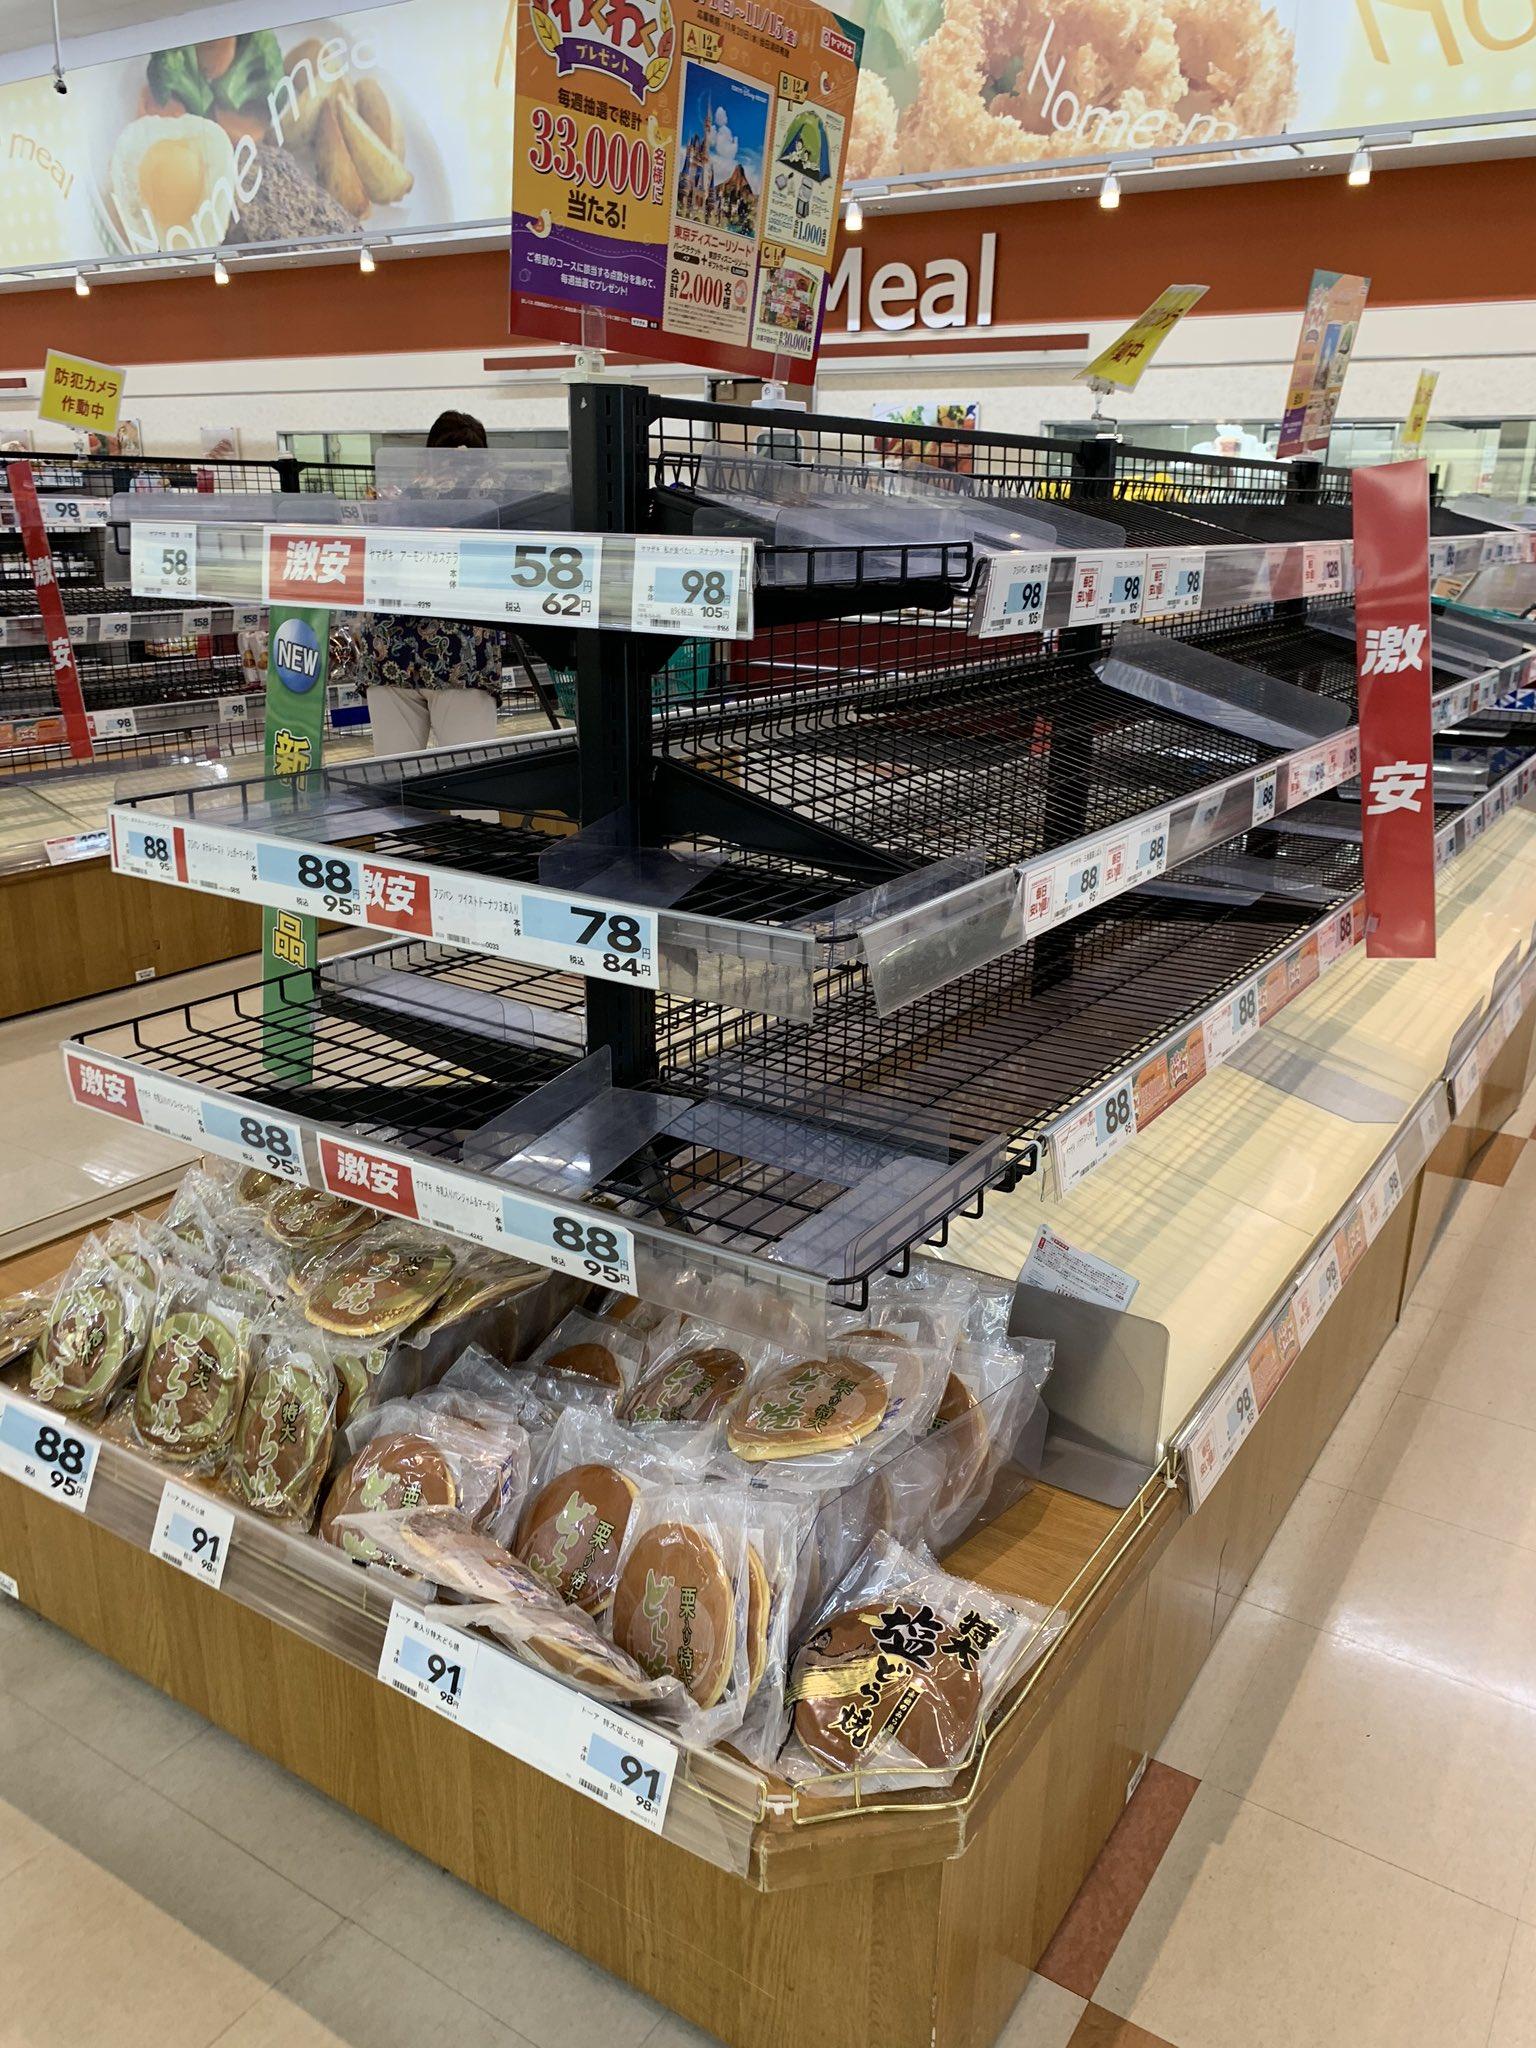 画像,スーパー行ったら台風にビビった主婦が慌てて買い込んでてなんにも無かった。サトウのごはんも水も全部売り切れてた。 https://t.co/86LIZpFkml…